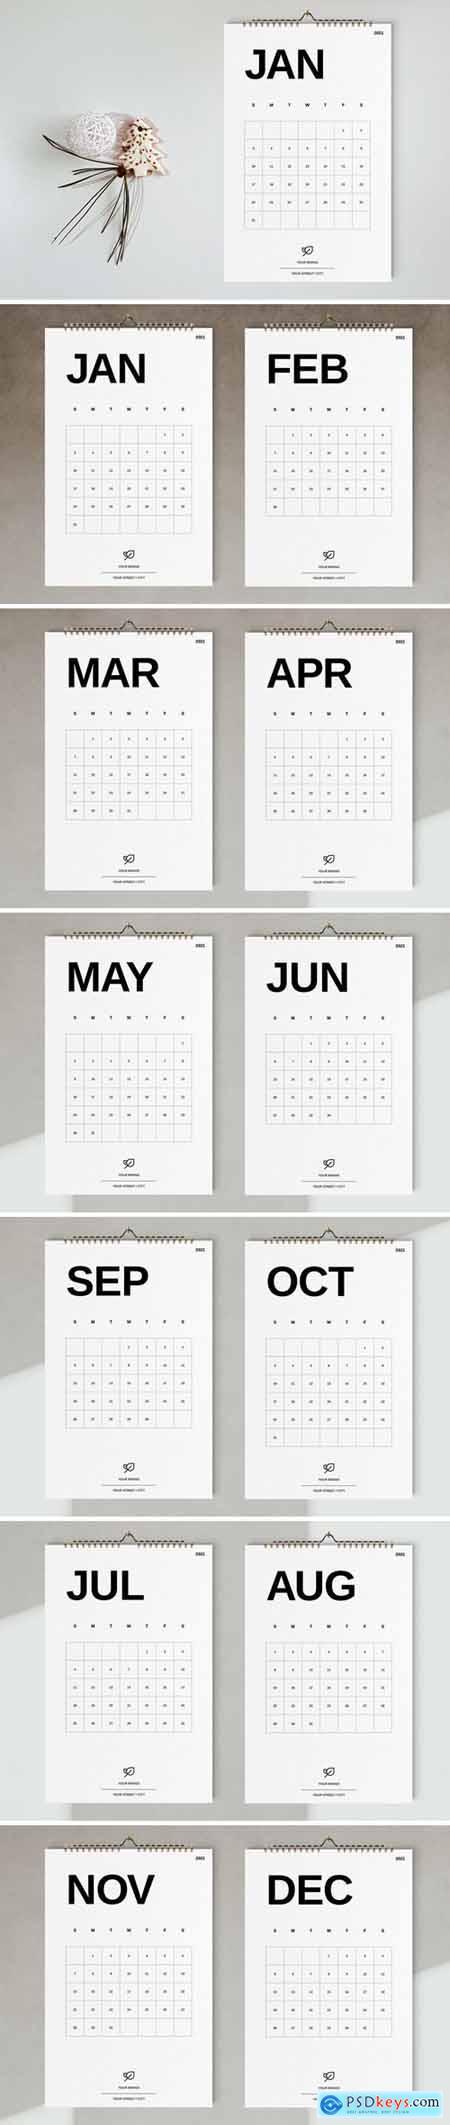 Wall Calendar 2021 Template 5667401